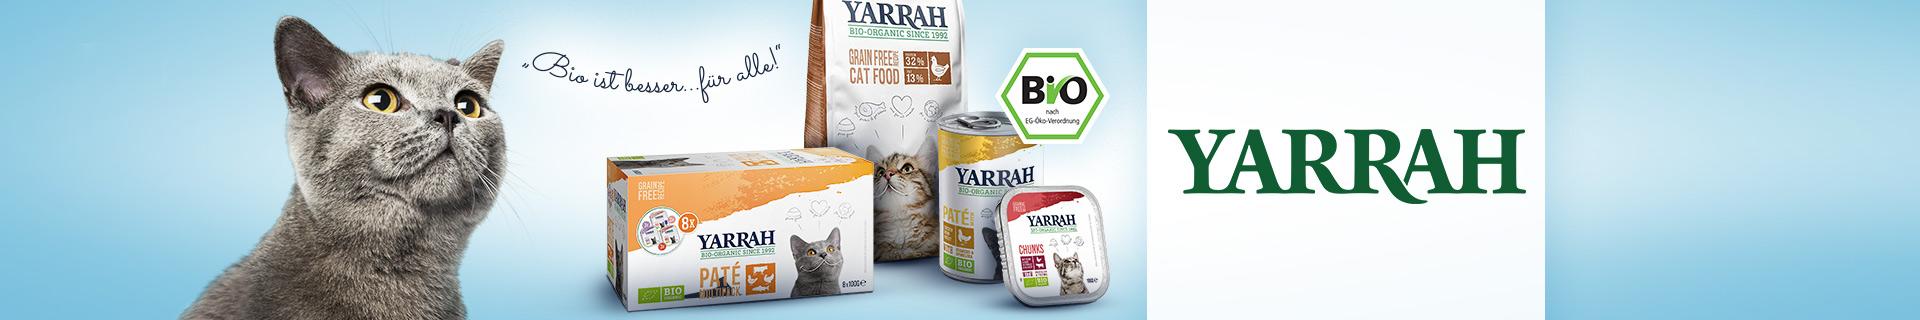 Yarrah Bio Katzenfutter bei pets Premium